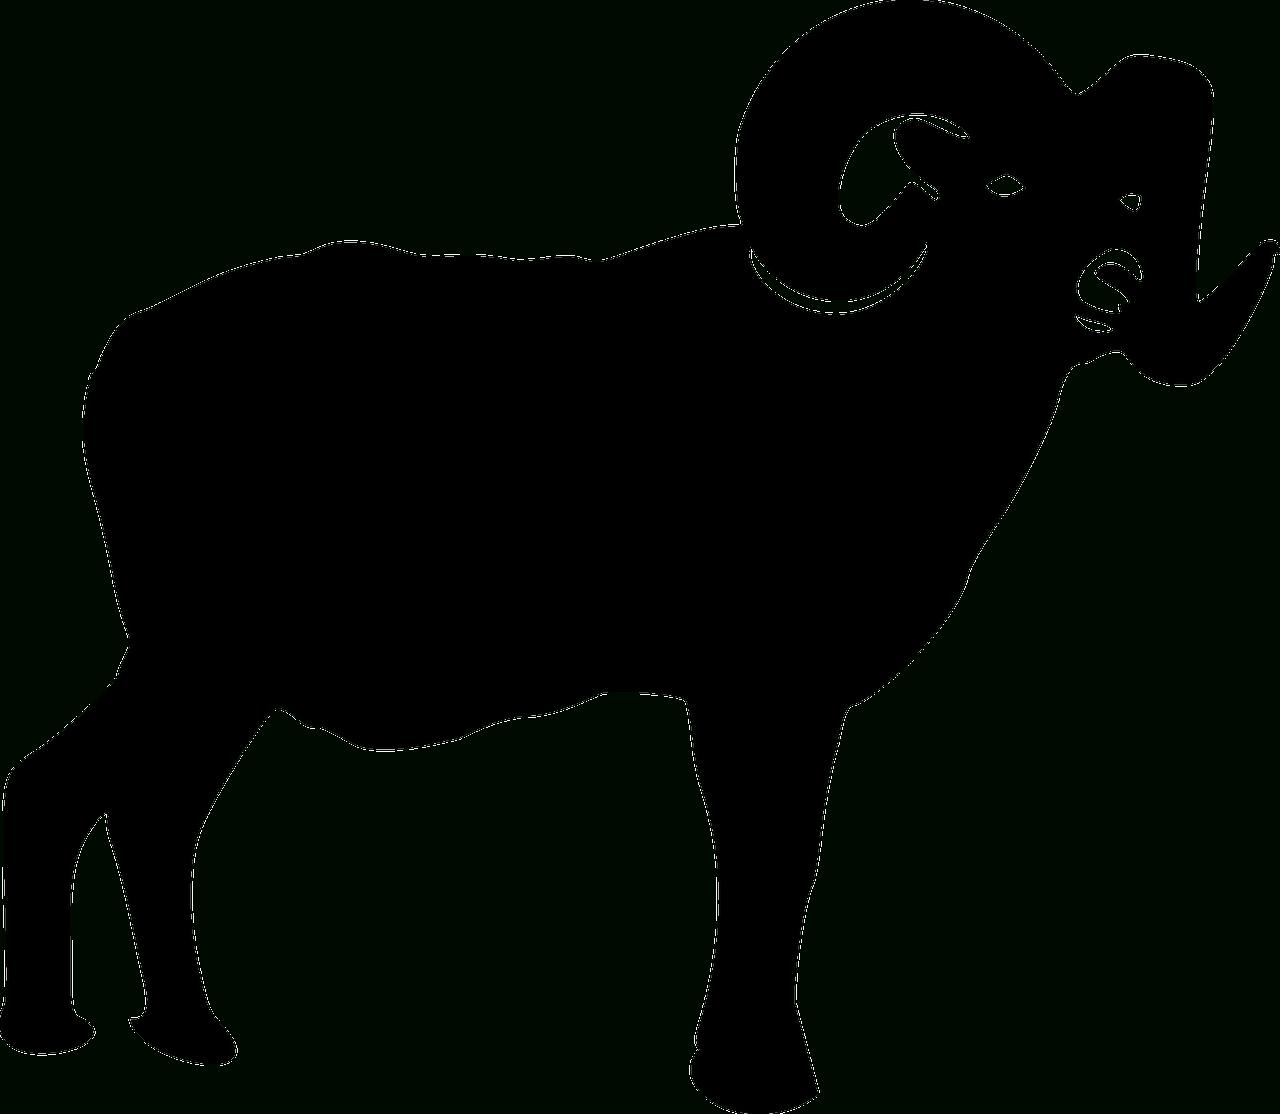 Hewan Alam Domba Bayangan   Gambar Vektor Gratis Di Pixabay pertaining to Gambar Domba Png